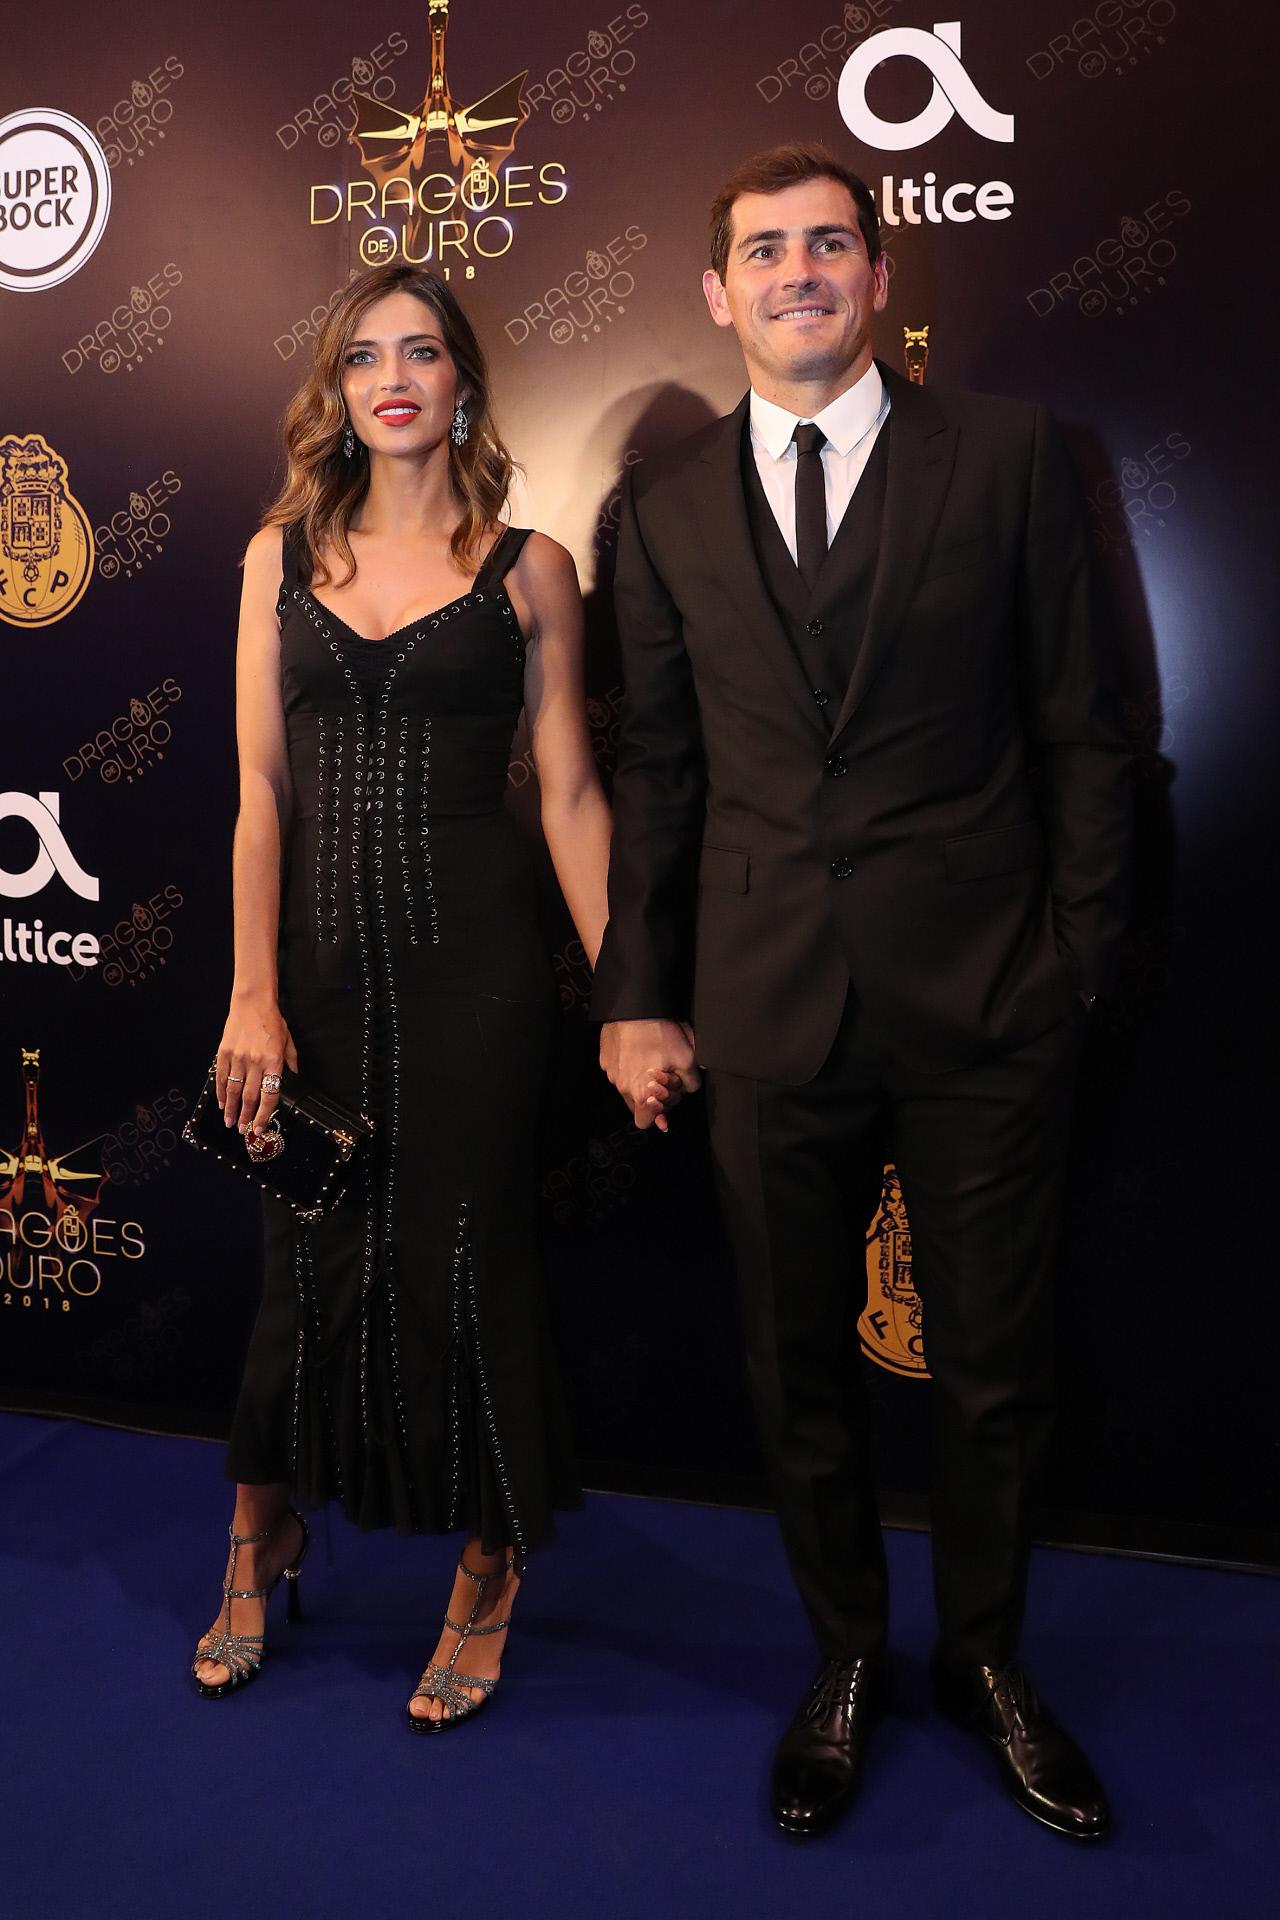 La periodista Sara Carbonero y el futbolista Iker Casillas durante los...